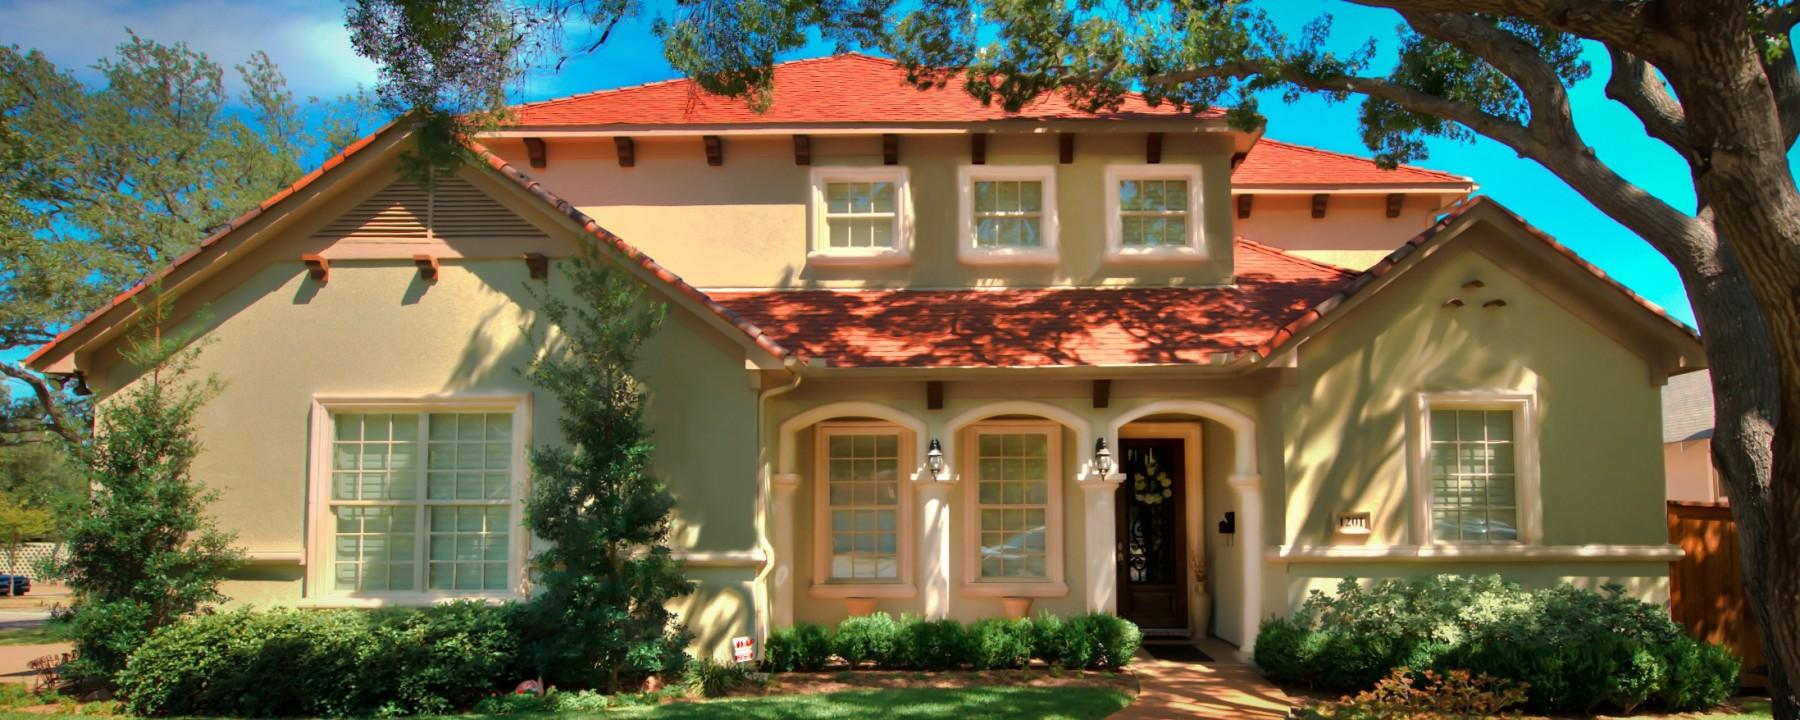 Mesa Precast, an Advanced Architectural Stone Company | Hard Scape, Home Decor Design | Architectural Precast, Architectural Cast Stone | Architectural GFRC